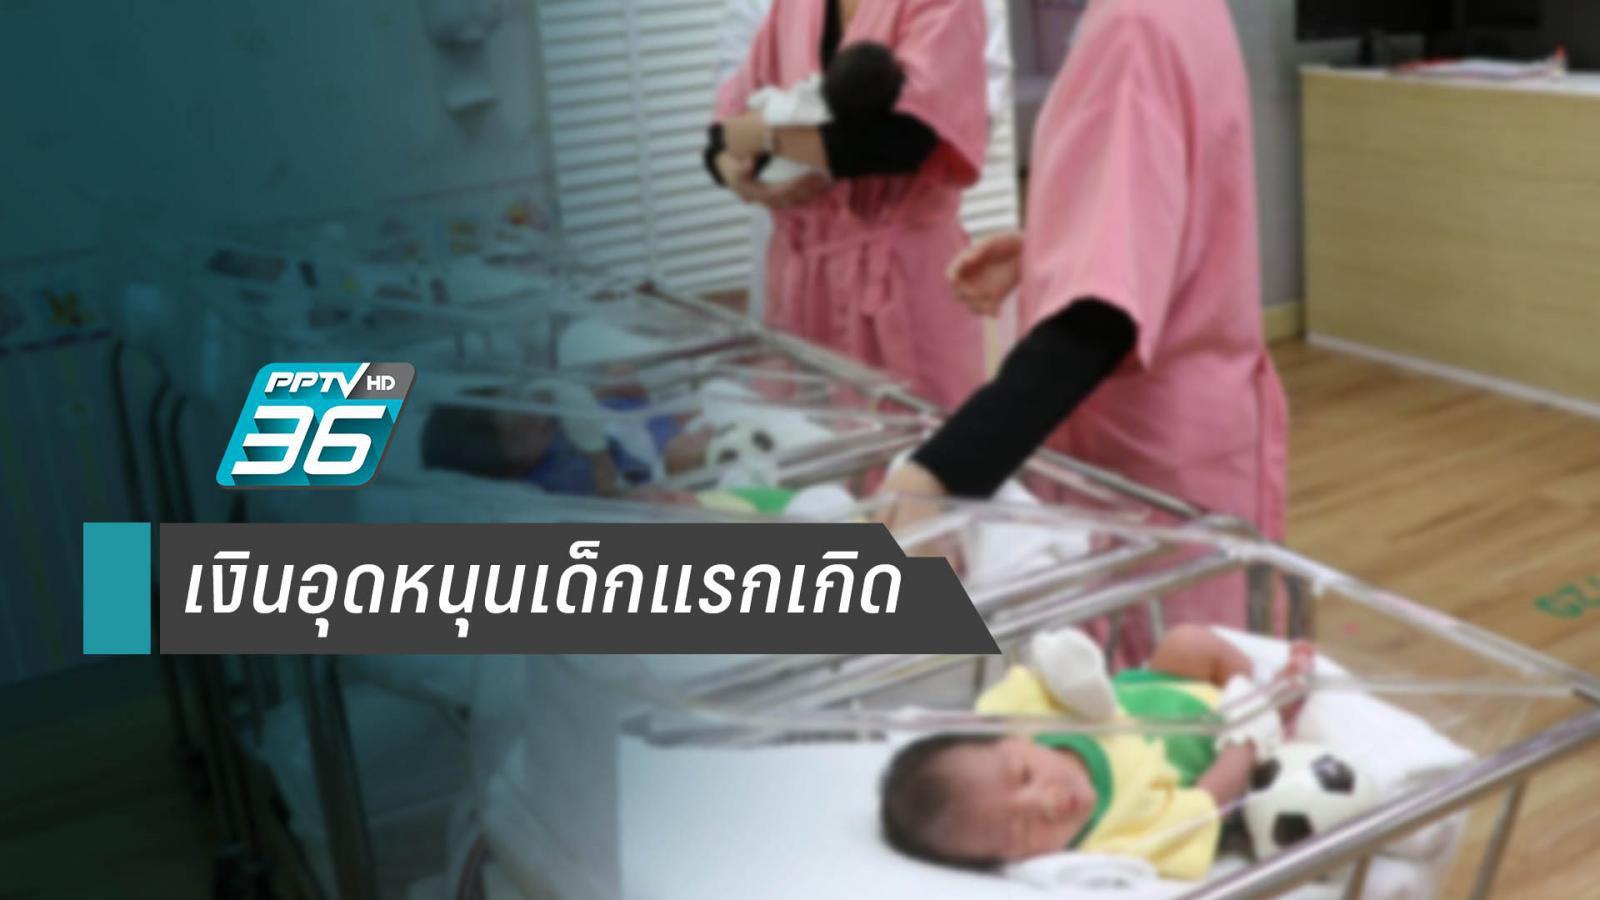 กรมบัญชีกลาง แจงจ่ายเงินอุดหนุนเลี้ยงดูเด็กแรกเกิด